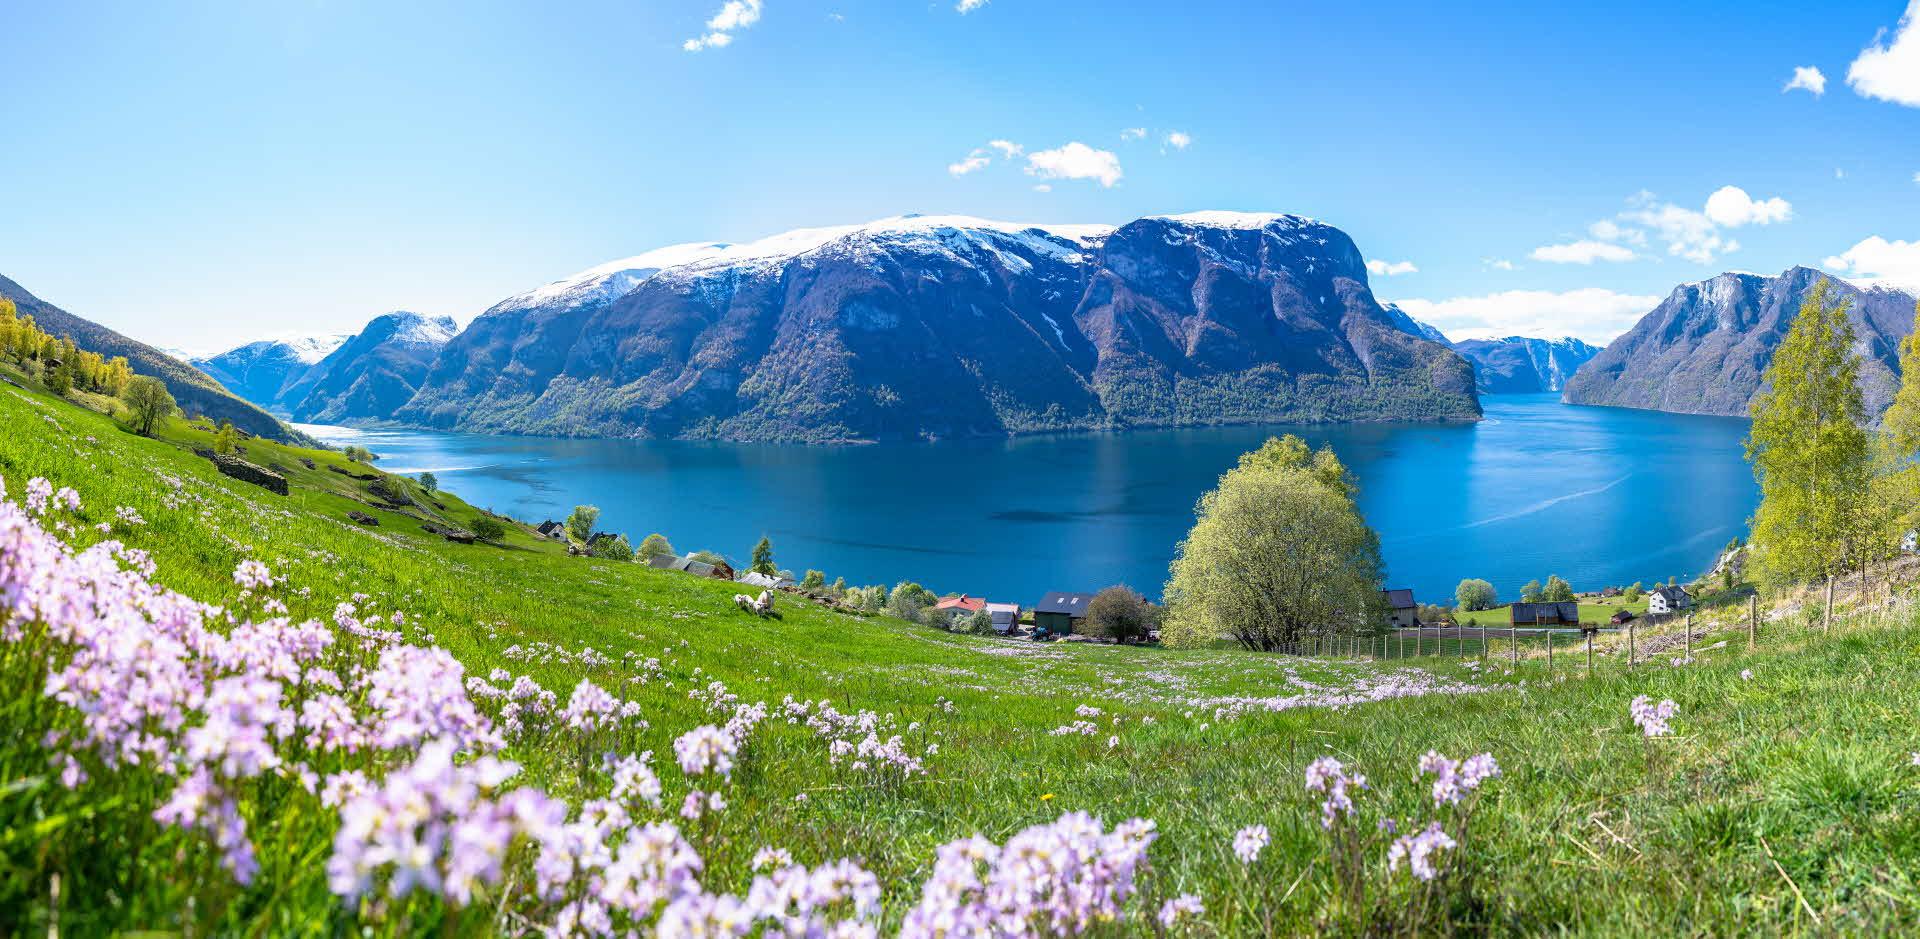 Панорамный вид на цветущие, зеленые эурланнские луга, где пасутся овцы, и Эурланн-фьорд, объекта из Списка ЮНЕСКО, в Норвегии